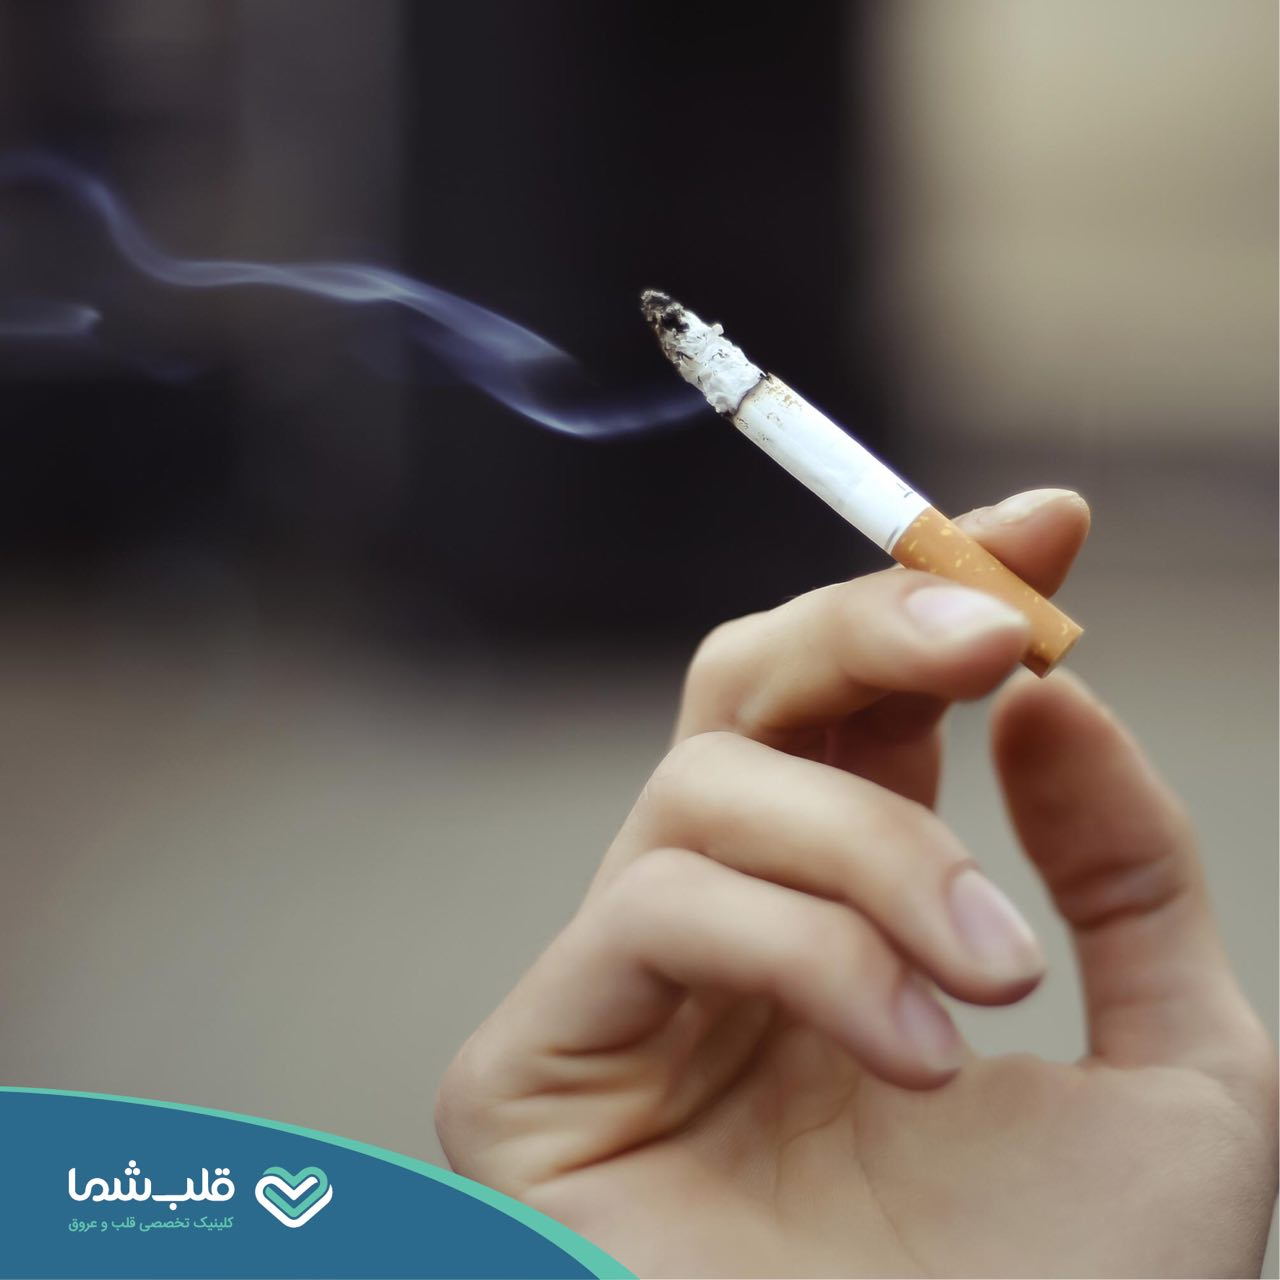 زندگی بدون سیگار